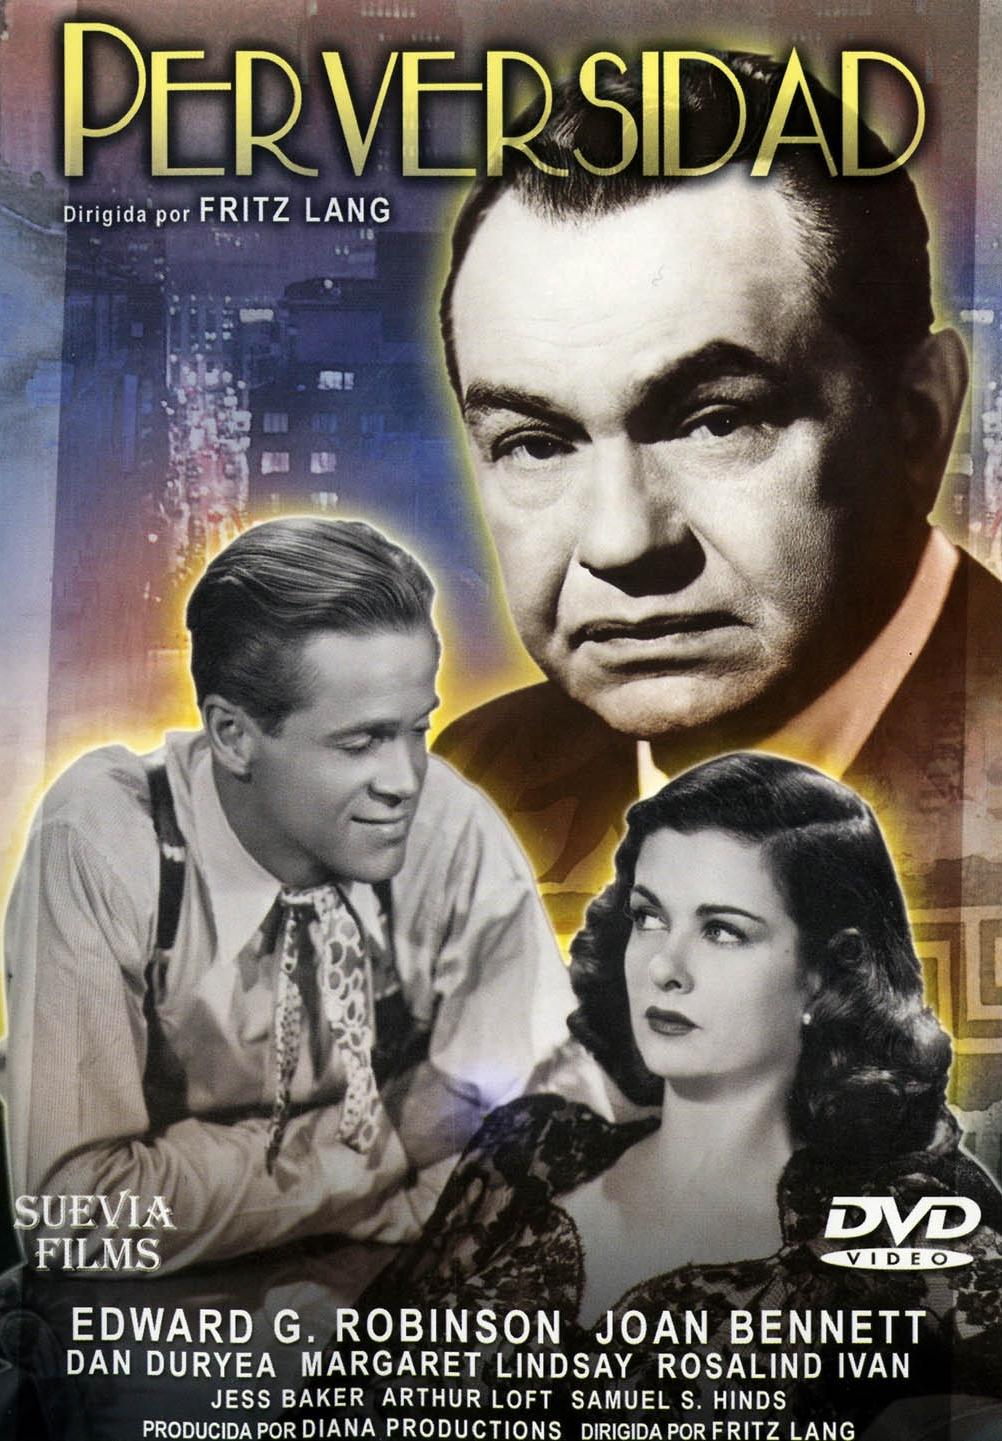 Resultado de imagen de Perversidad (1945) dirigida por Fritz Lang con Edward G. Robinson, Joan Bennett y Dan Duryea